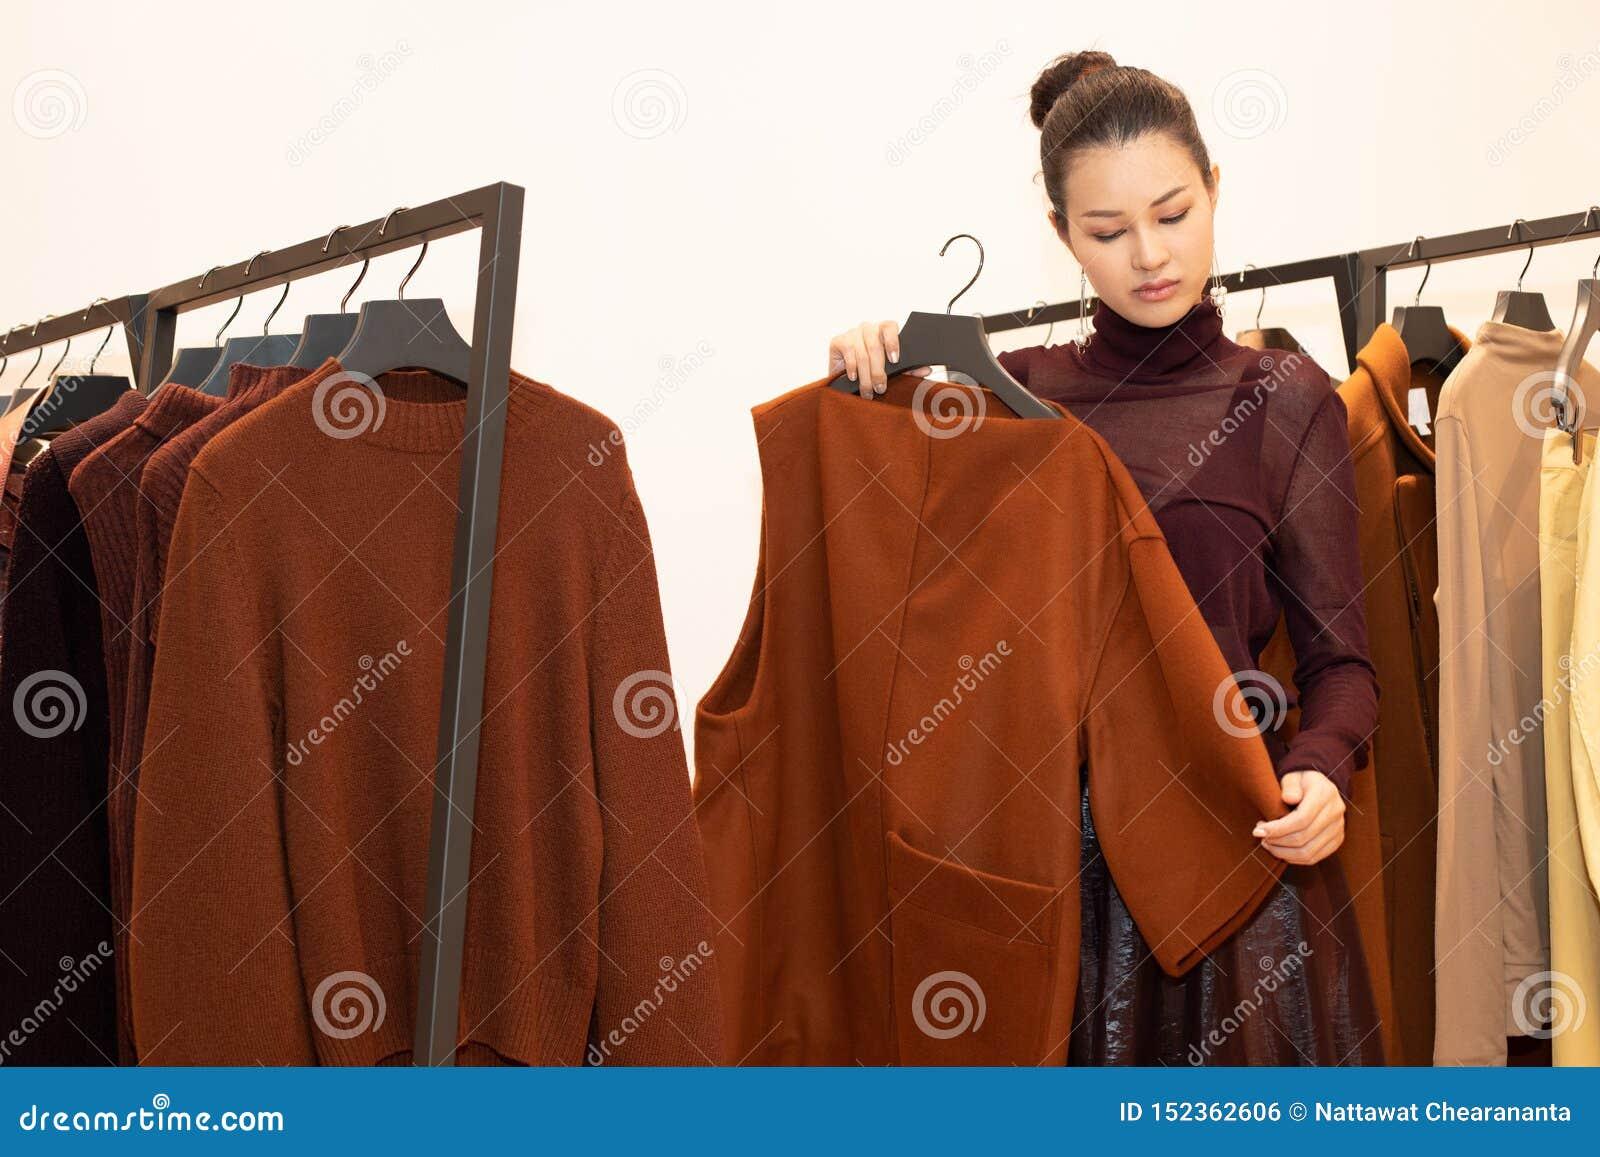 Γυναίκα στην επίλεκτη νέα συλλογή φορεμάτων στο ράφι